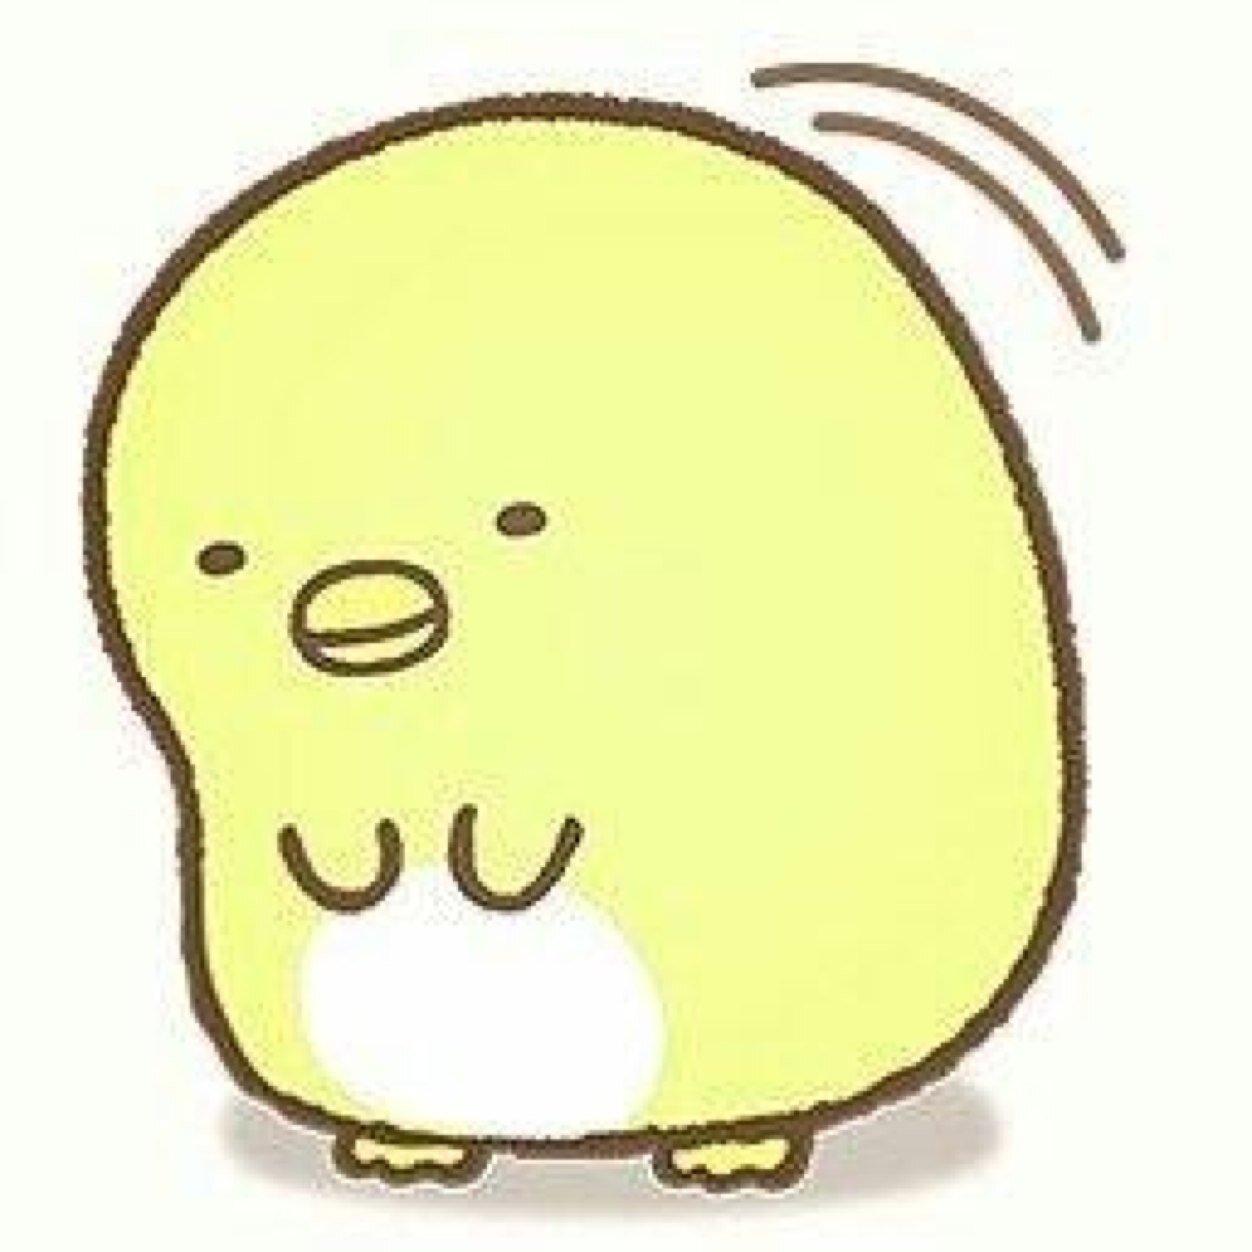 すみっこぐらしbot At Sumikkobot Twitter